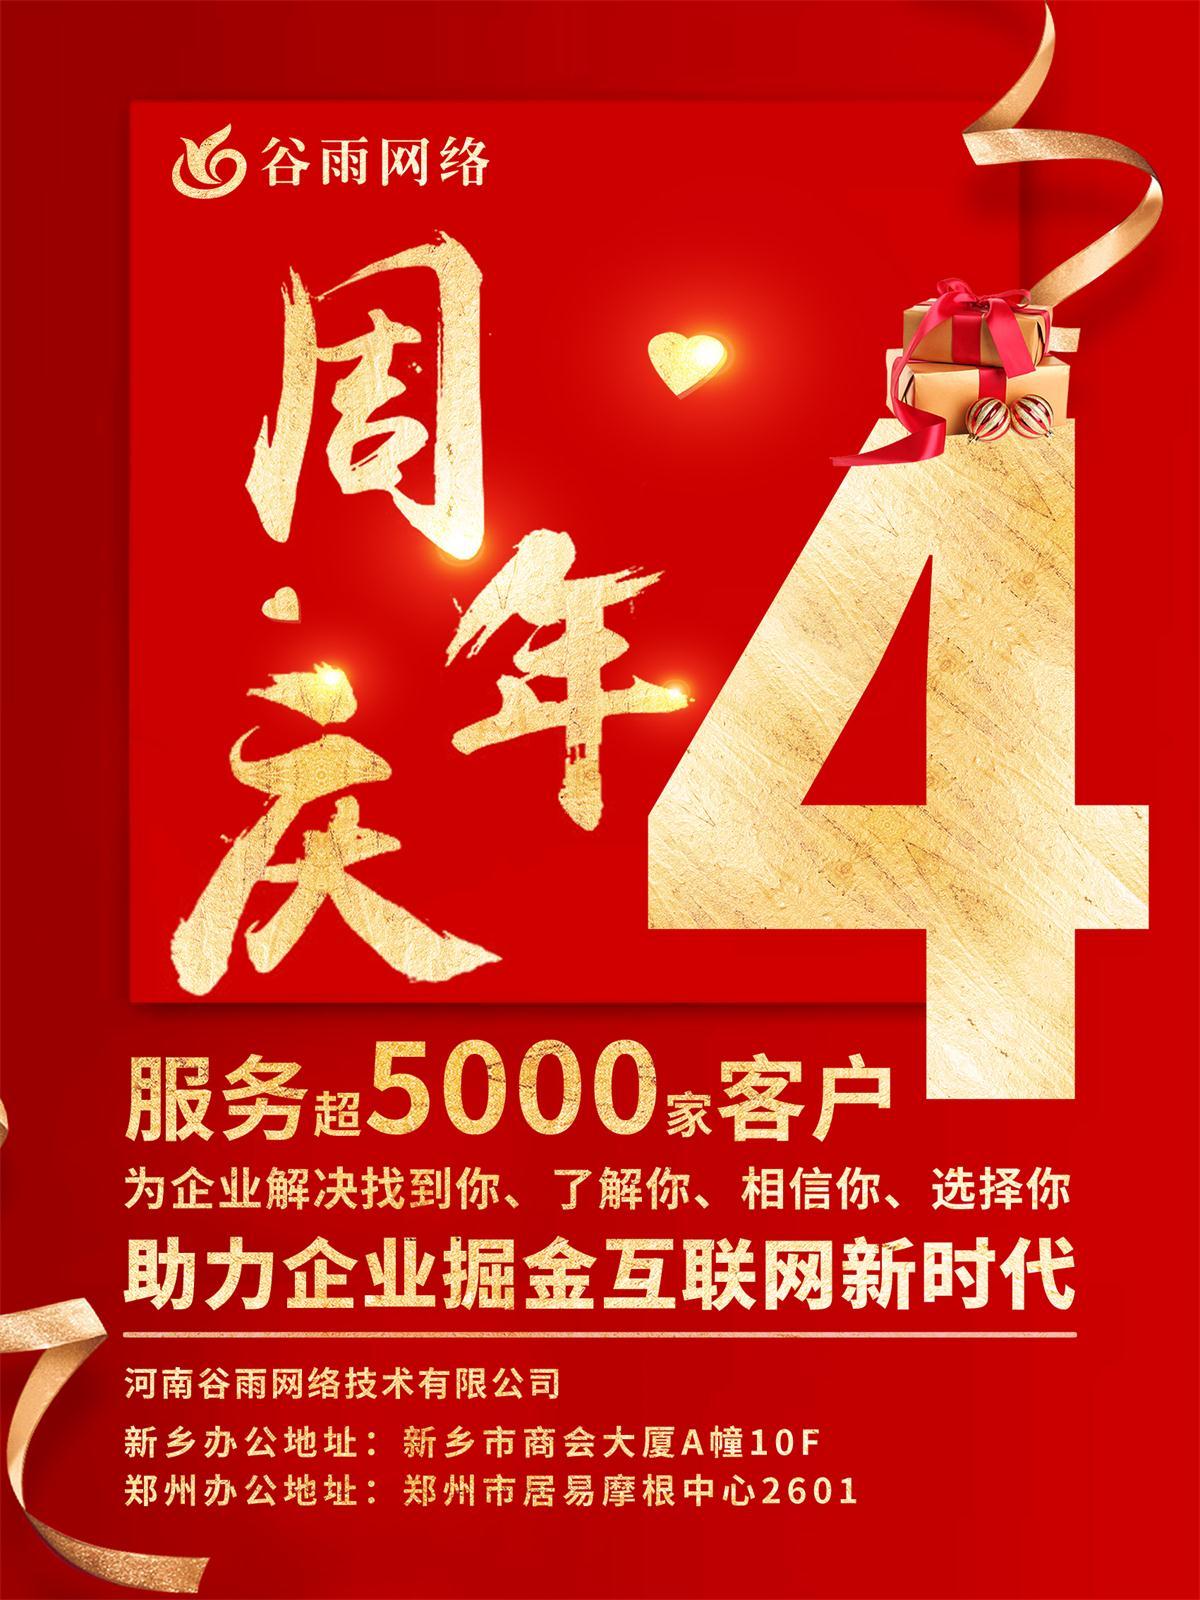 贺河南谷雨网络技术有限公司成立四周年